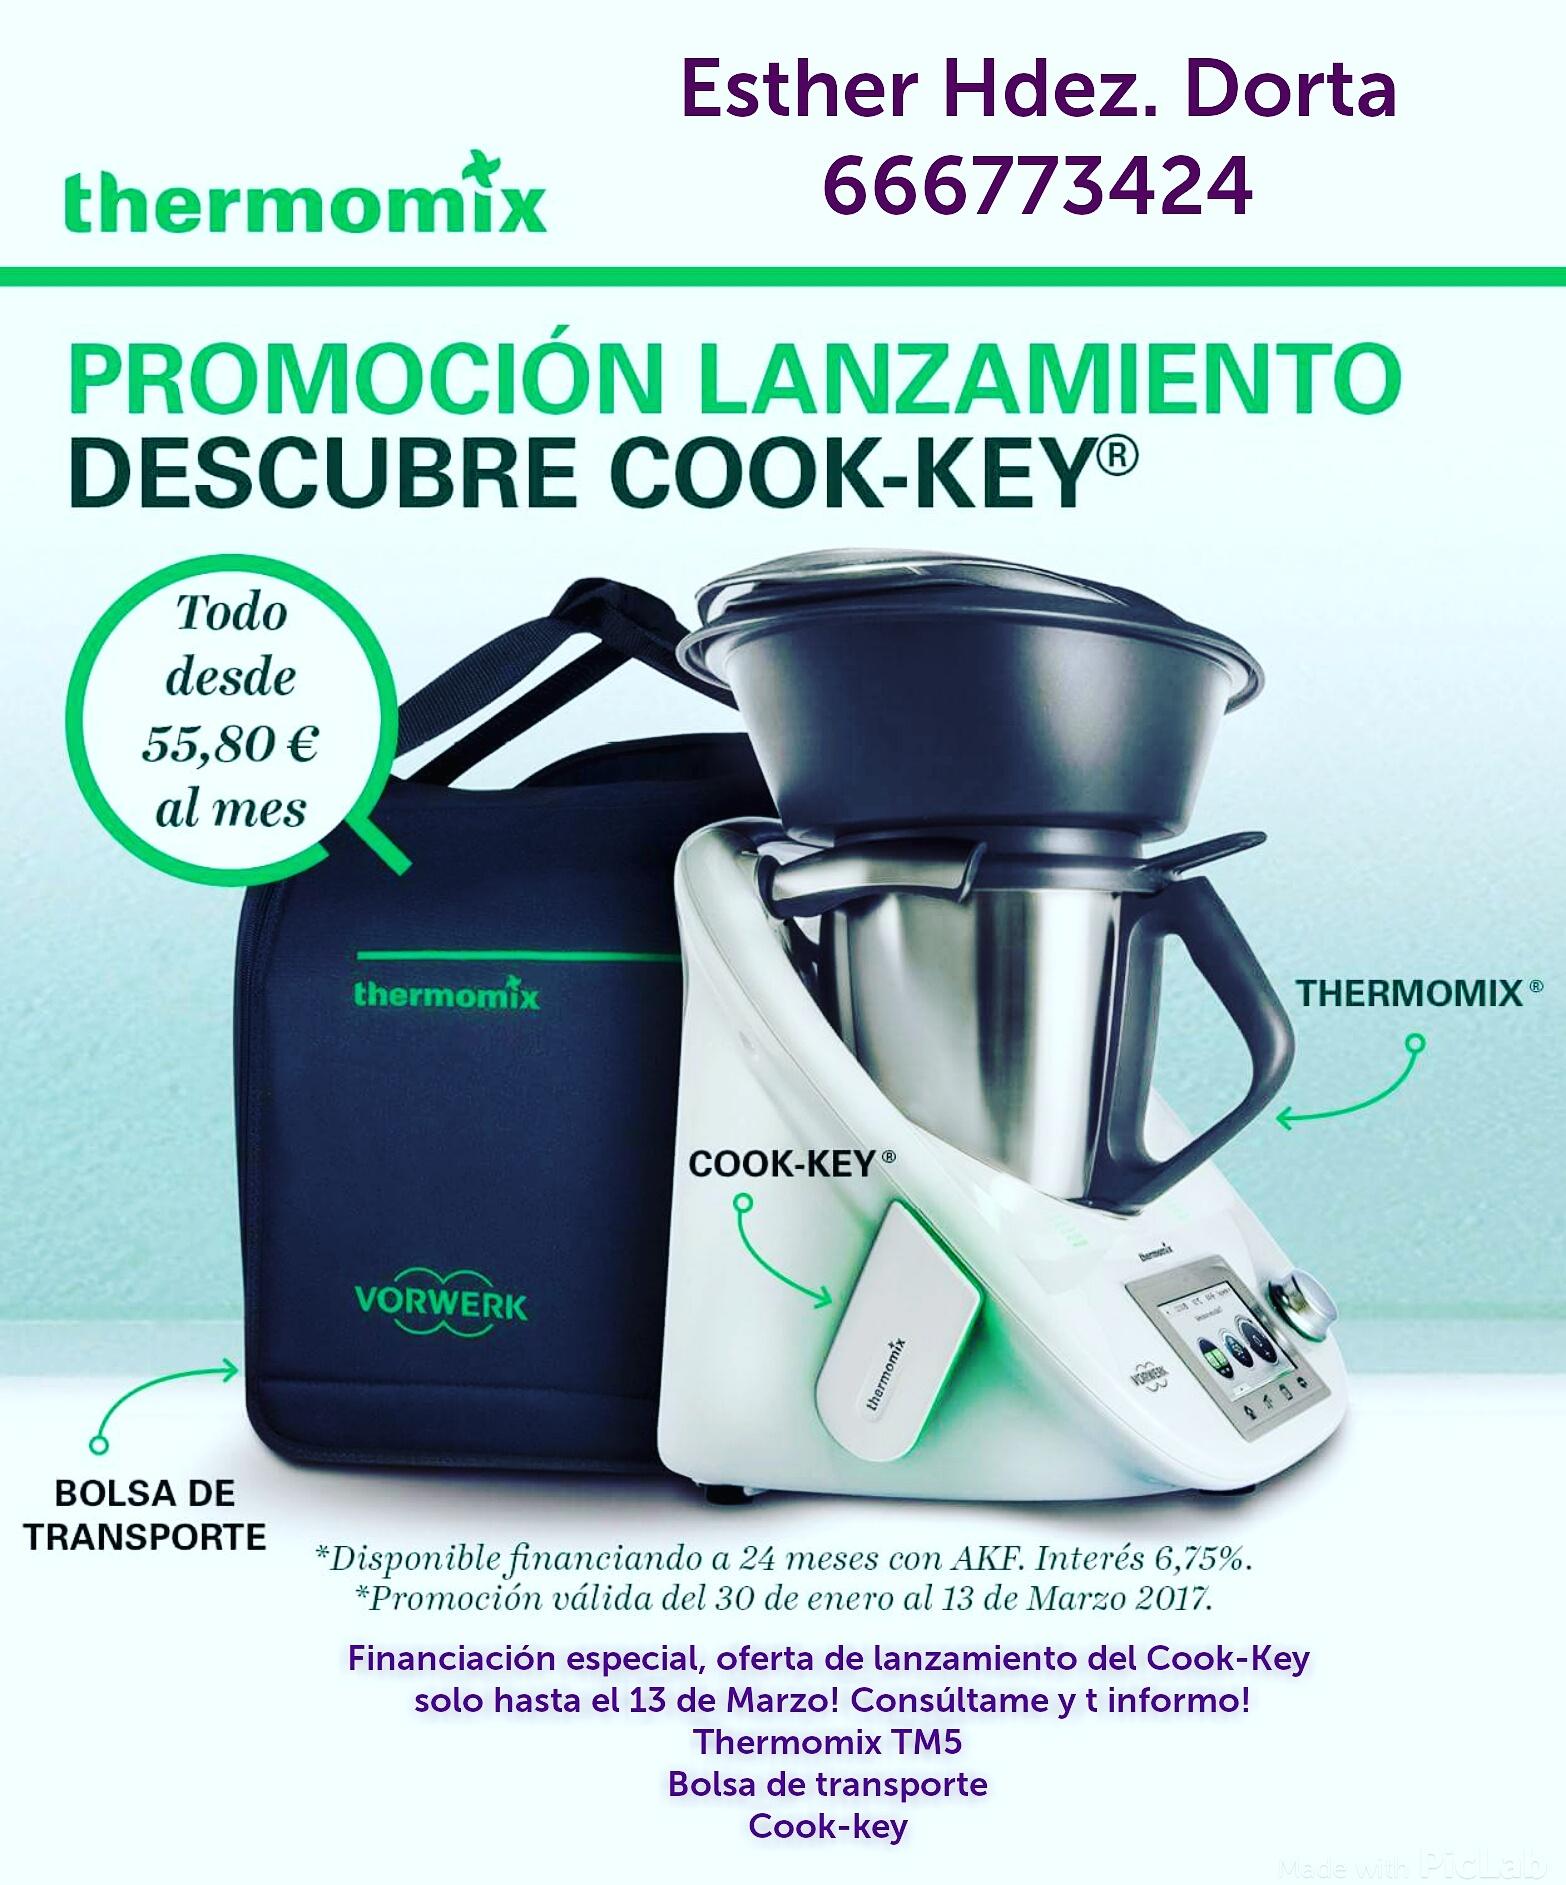 Oferta de lanzamiento Cook-key